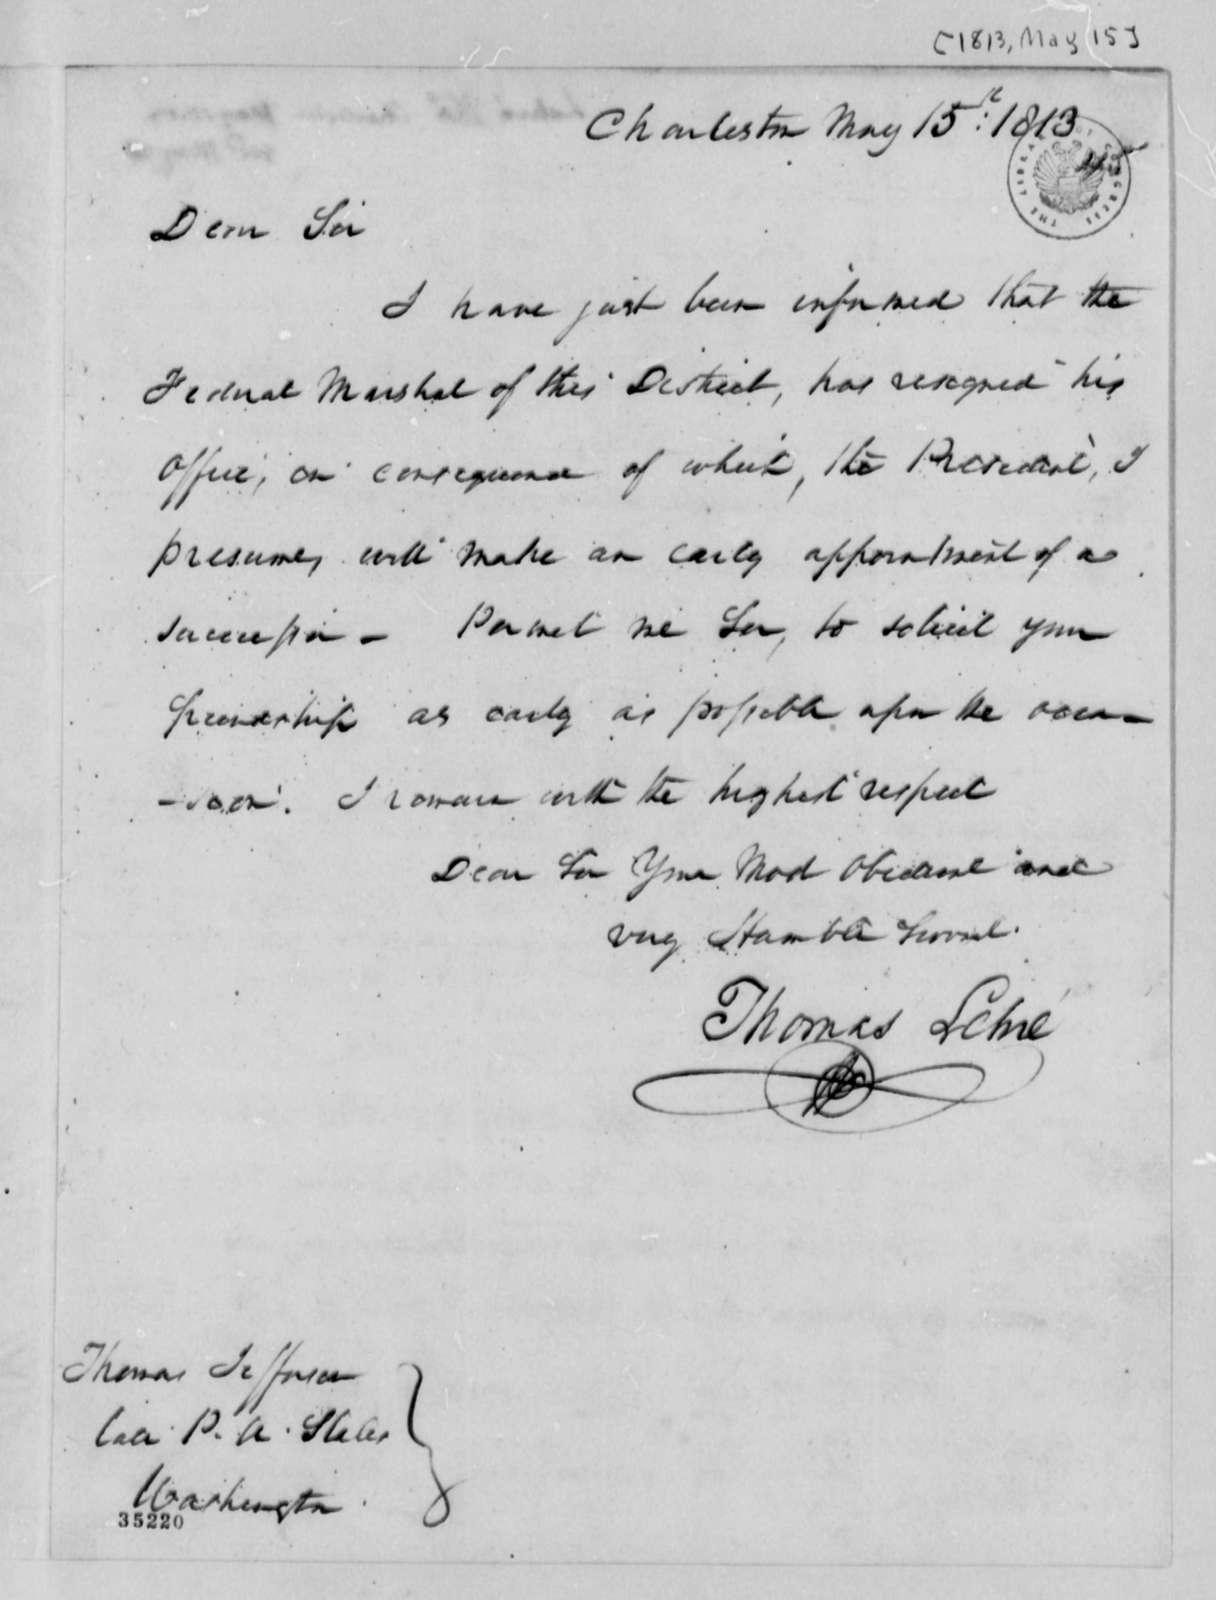 Thomas Lehre to Thomas Jefferson, May 15, 1813